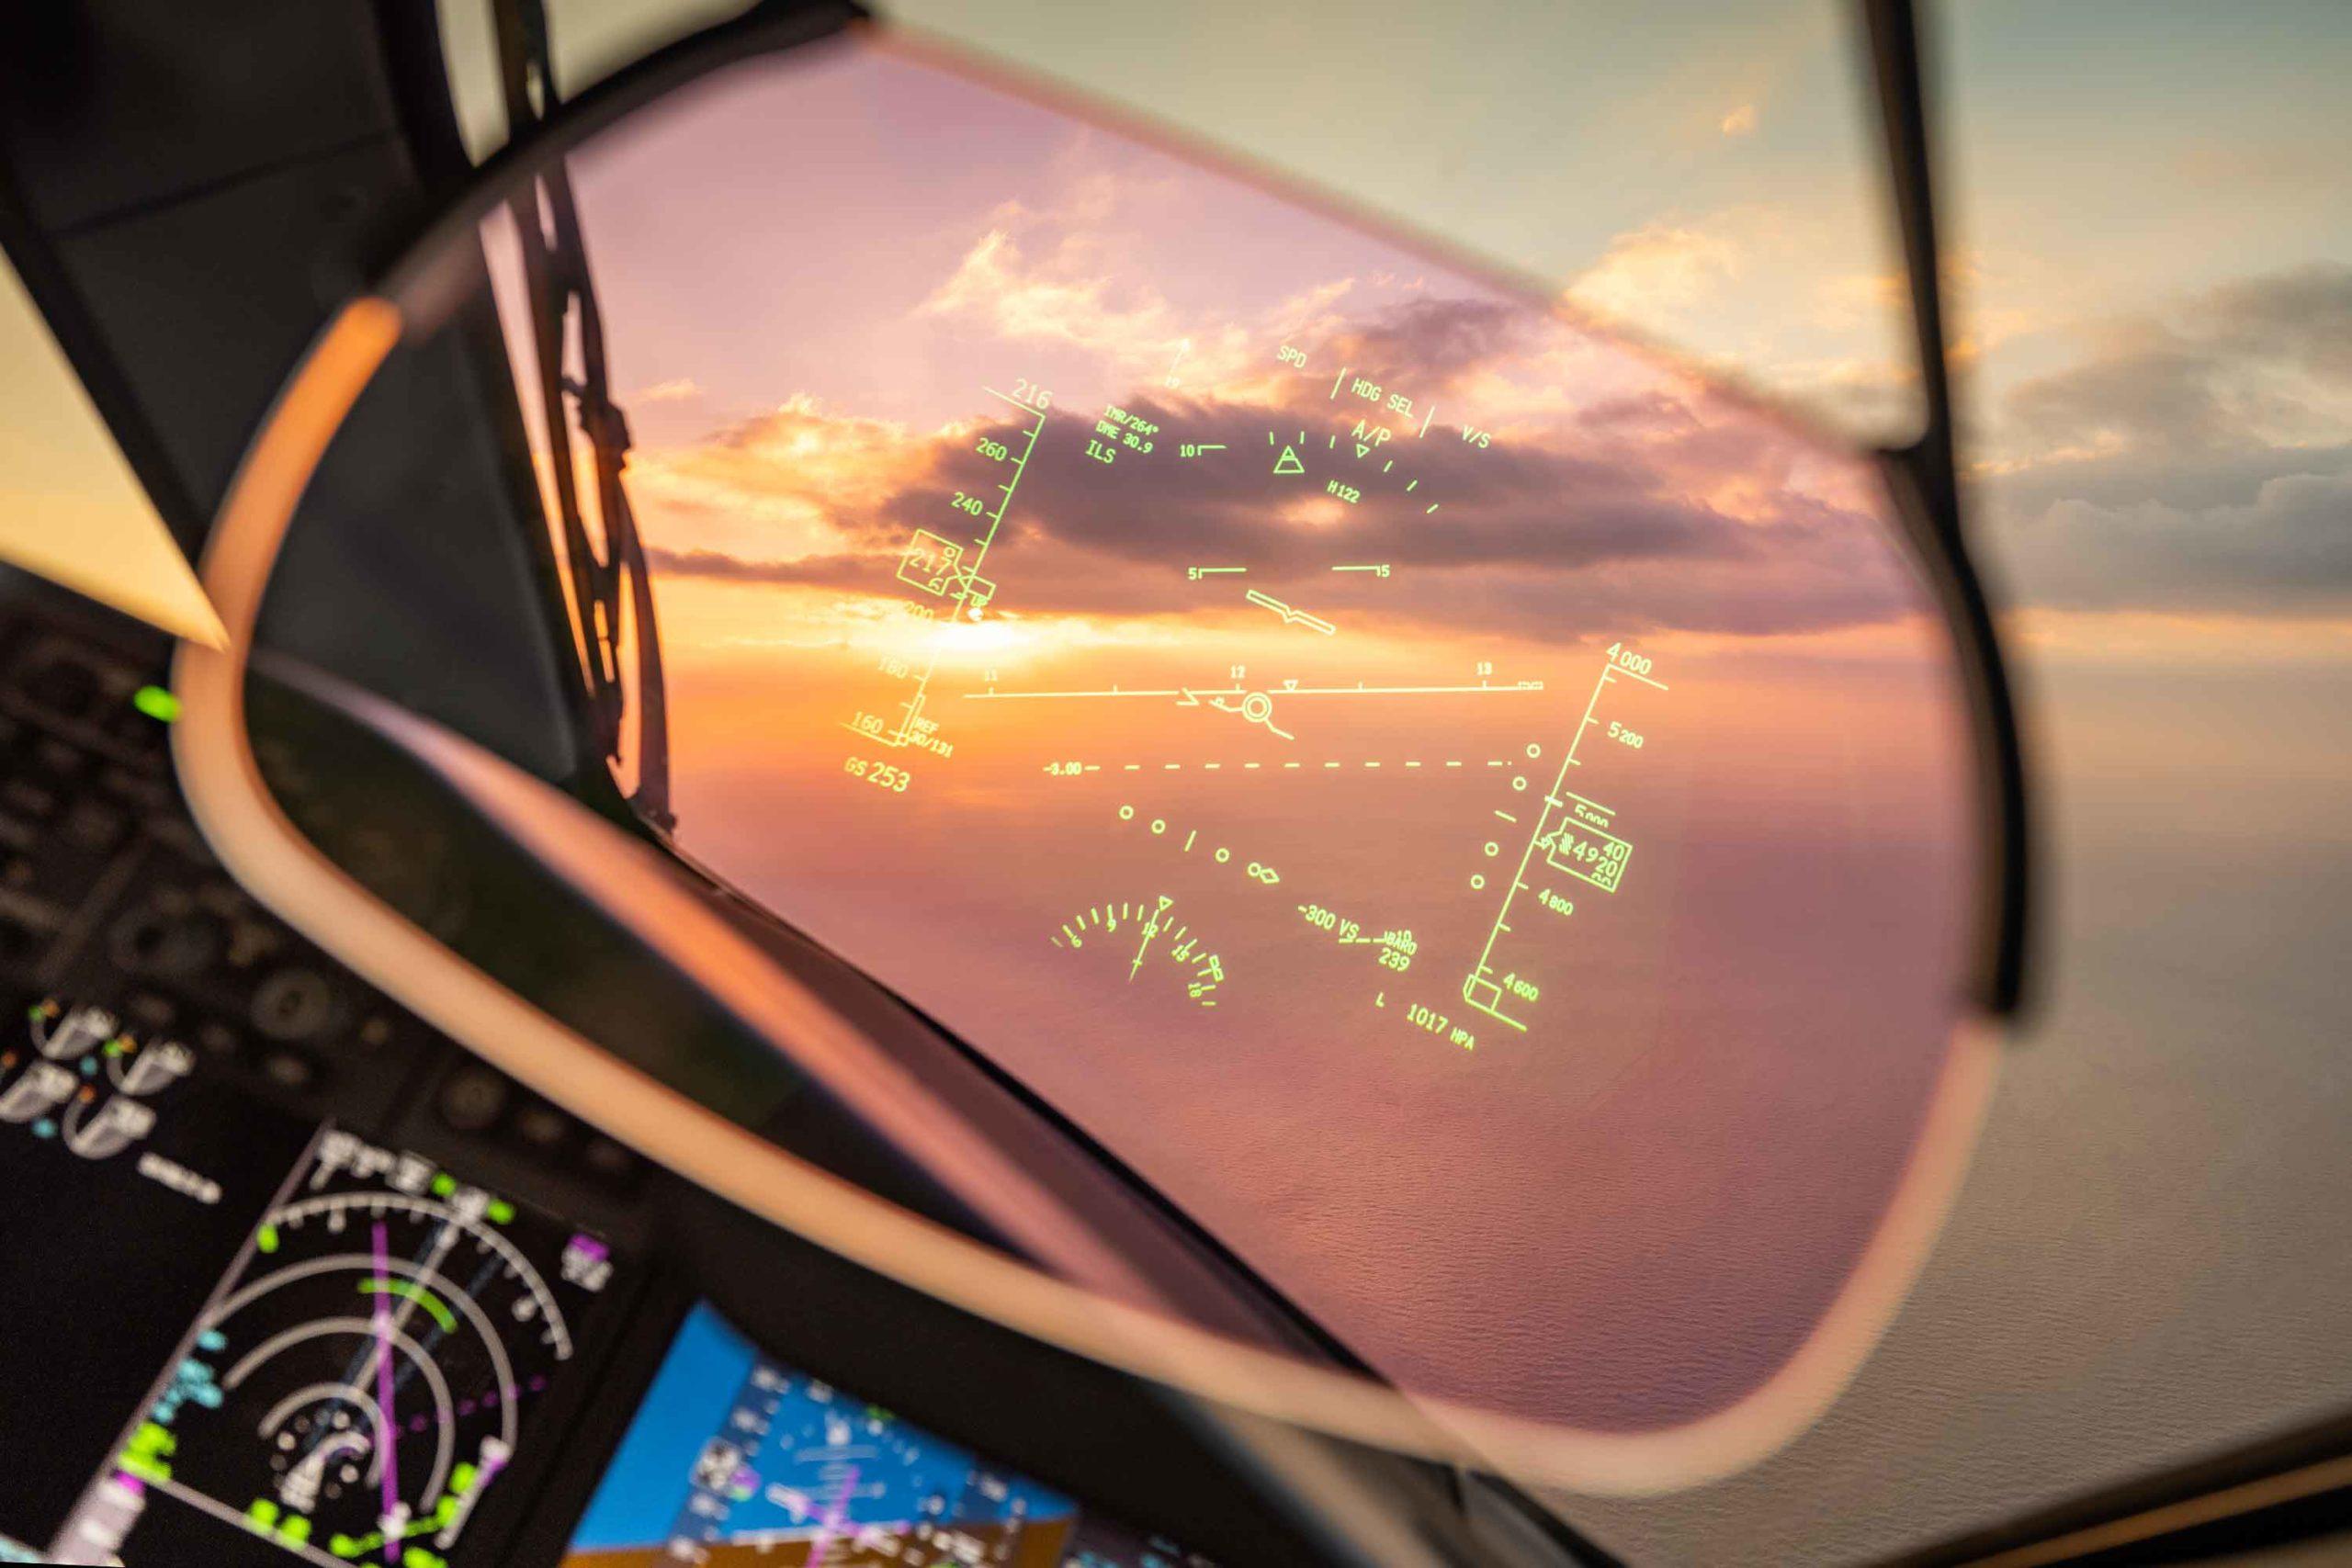 Boeing 787 HUD